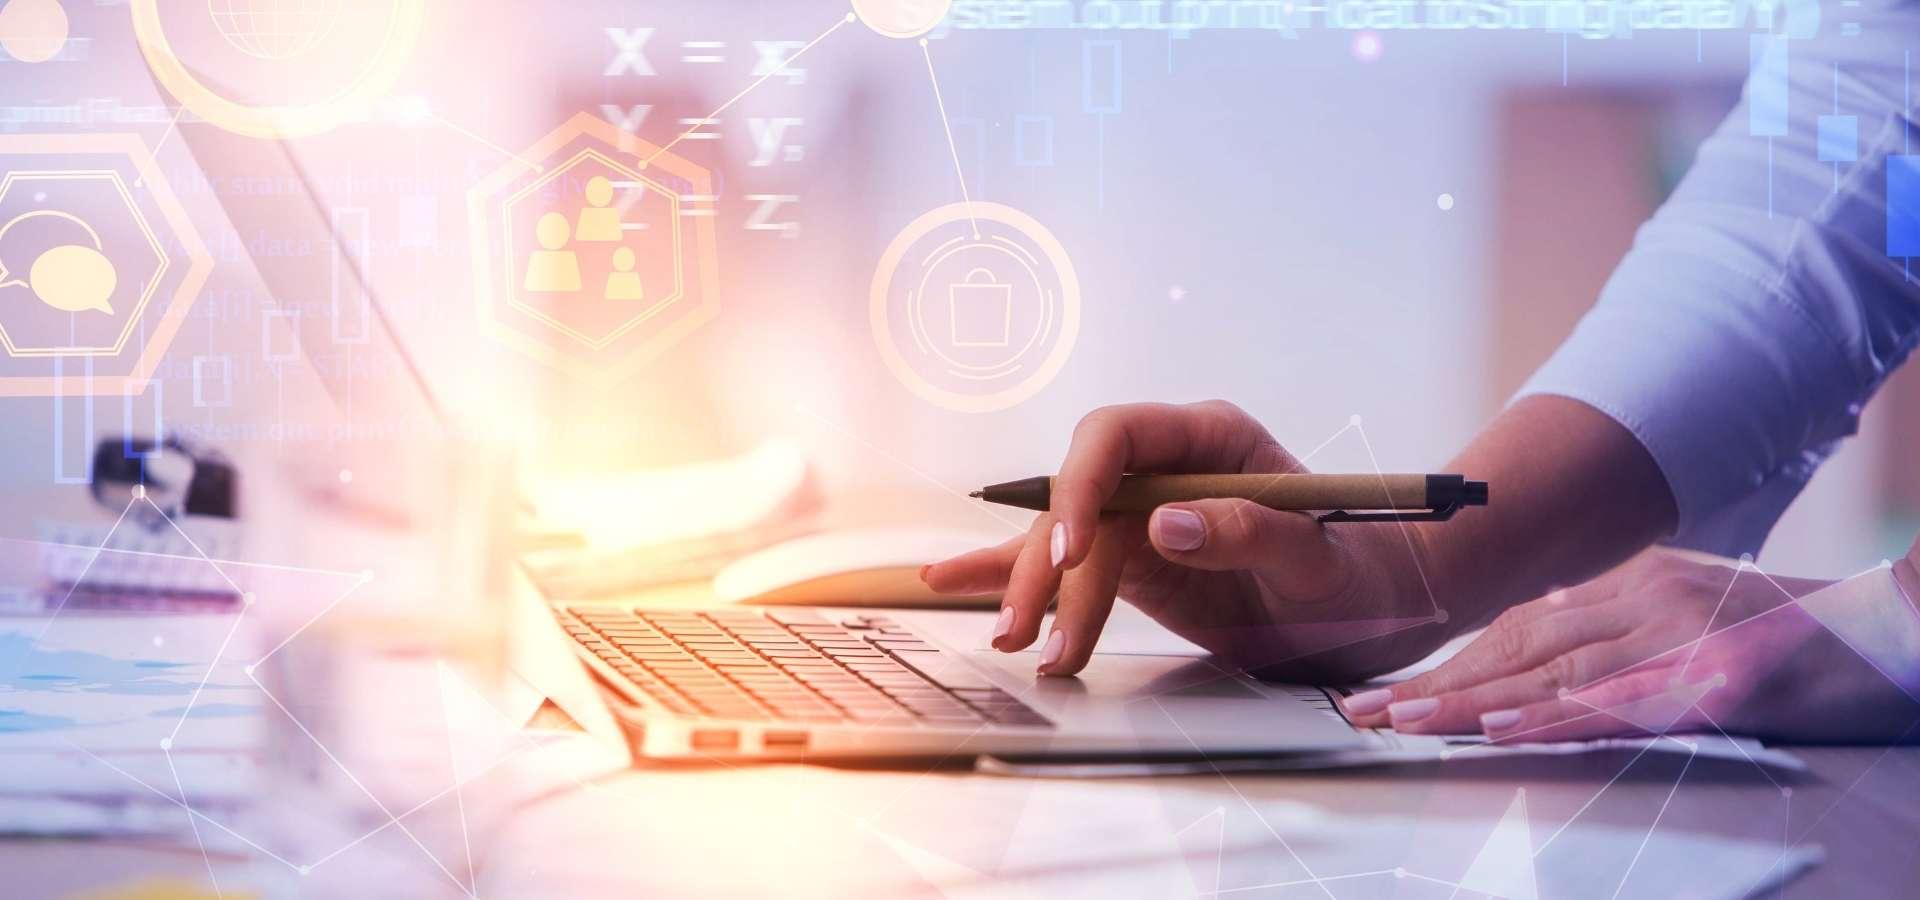 Imparare a gestire la propria vita digitale